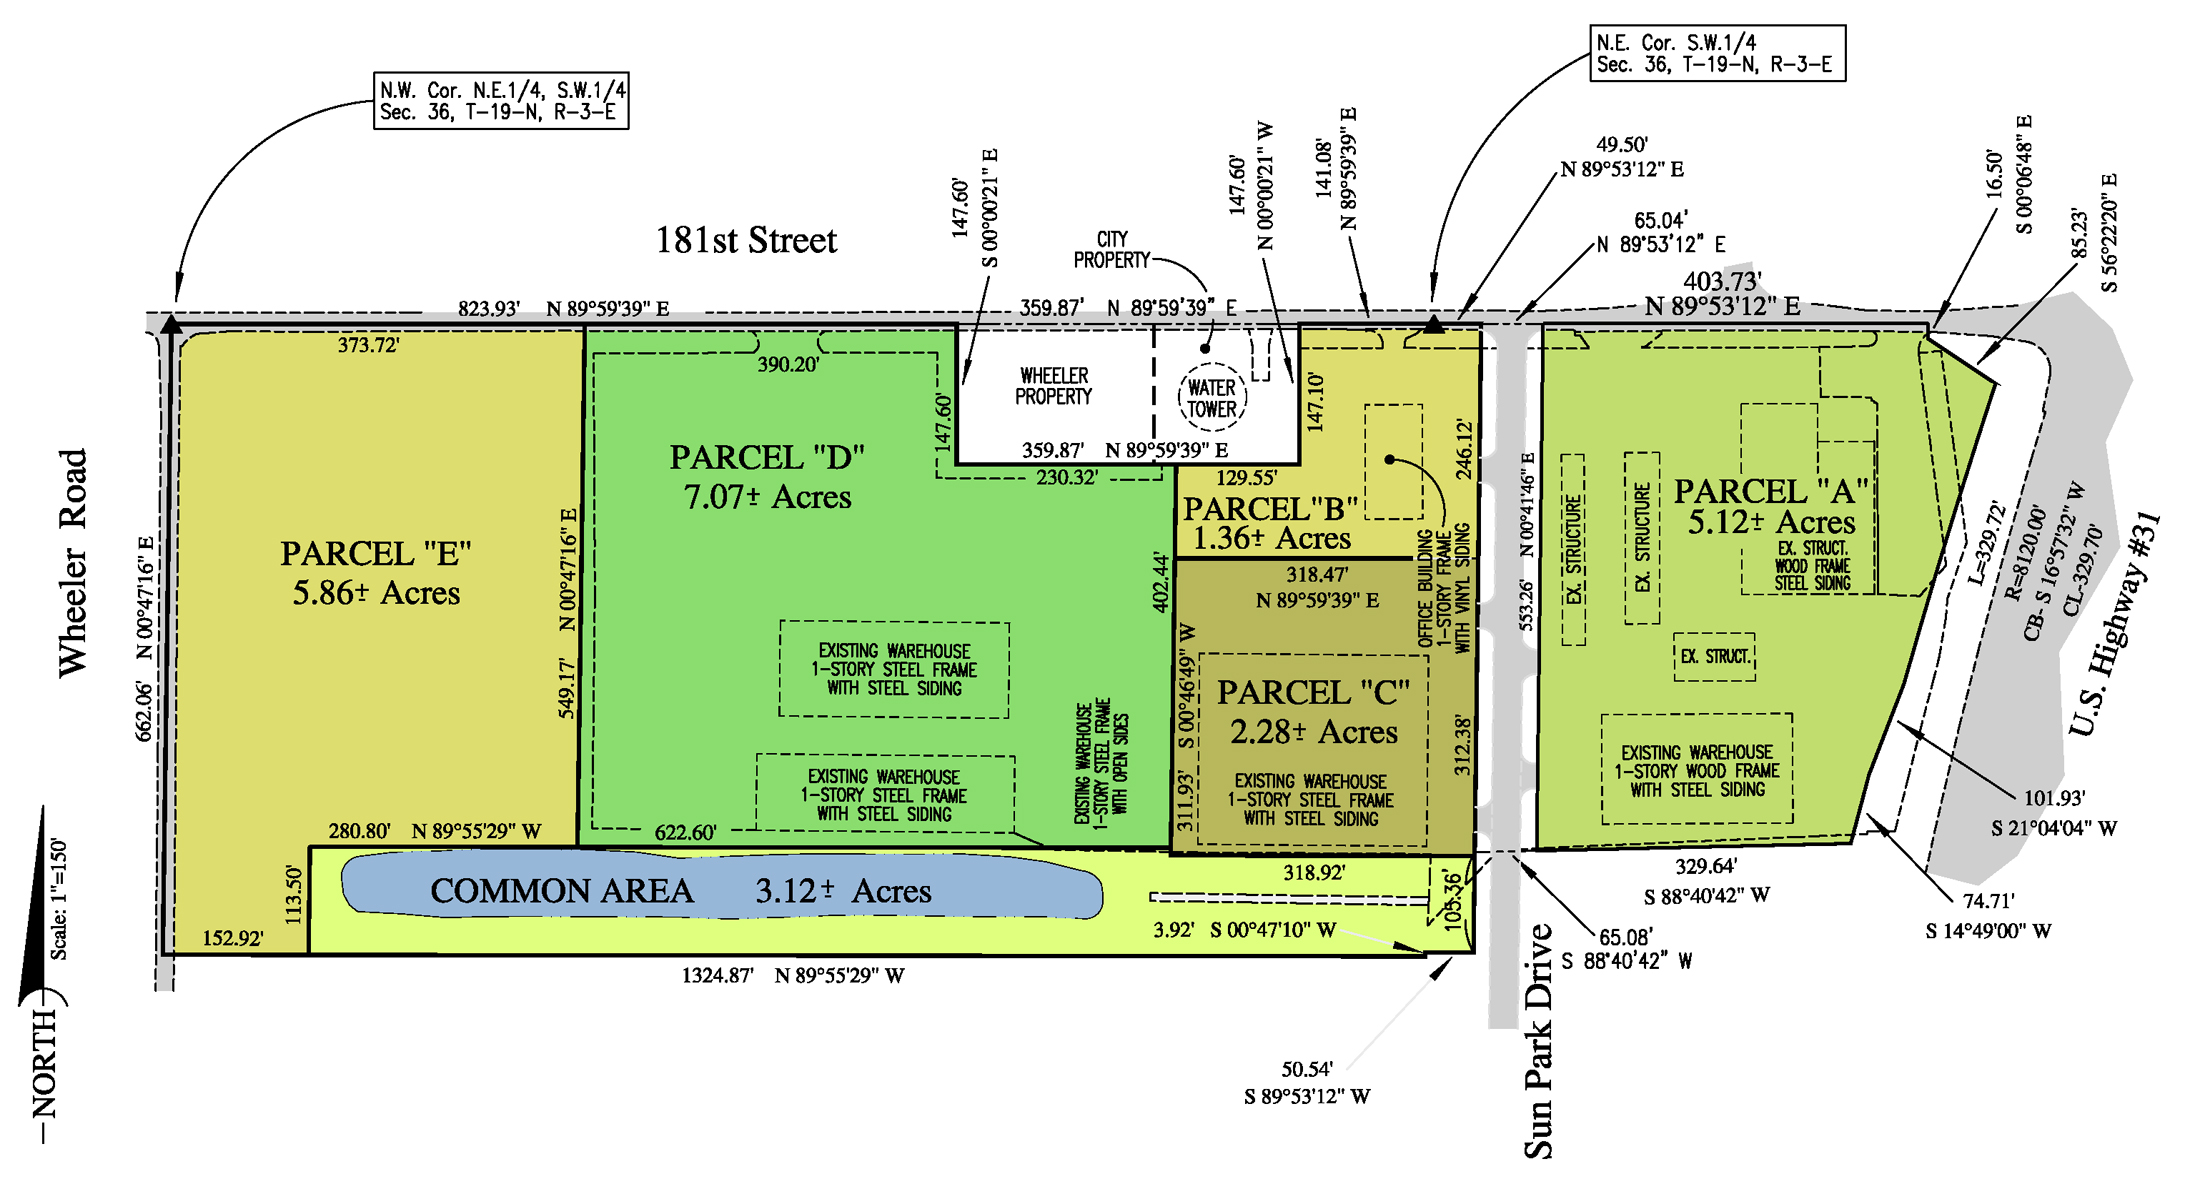 S:DATA13-0028ExhibitsRe-Zone ExhibitsColor Renderings.dwg M